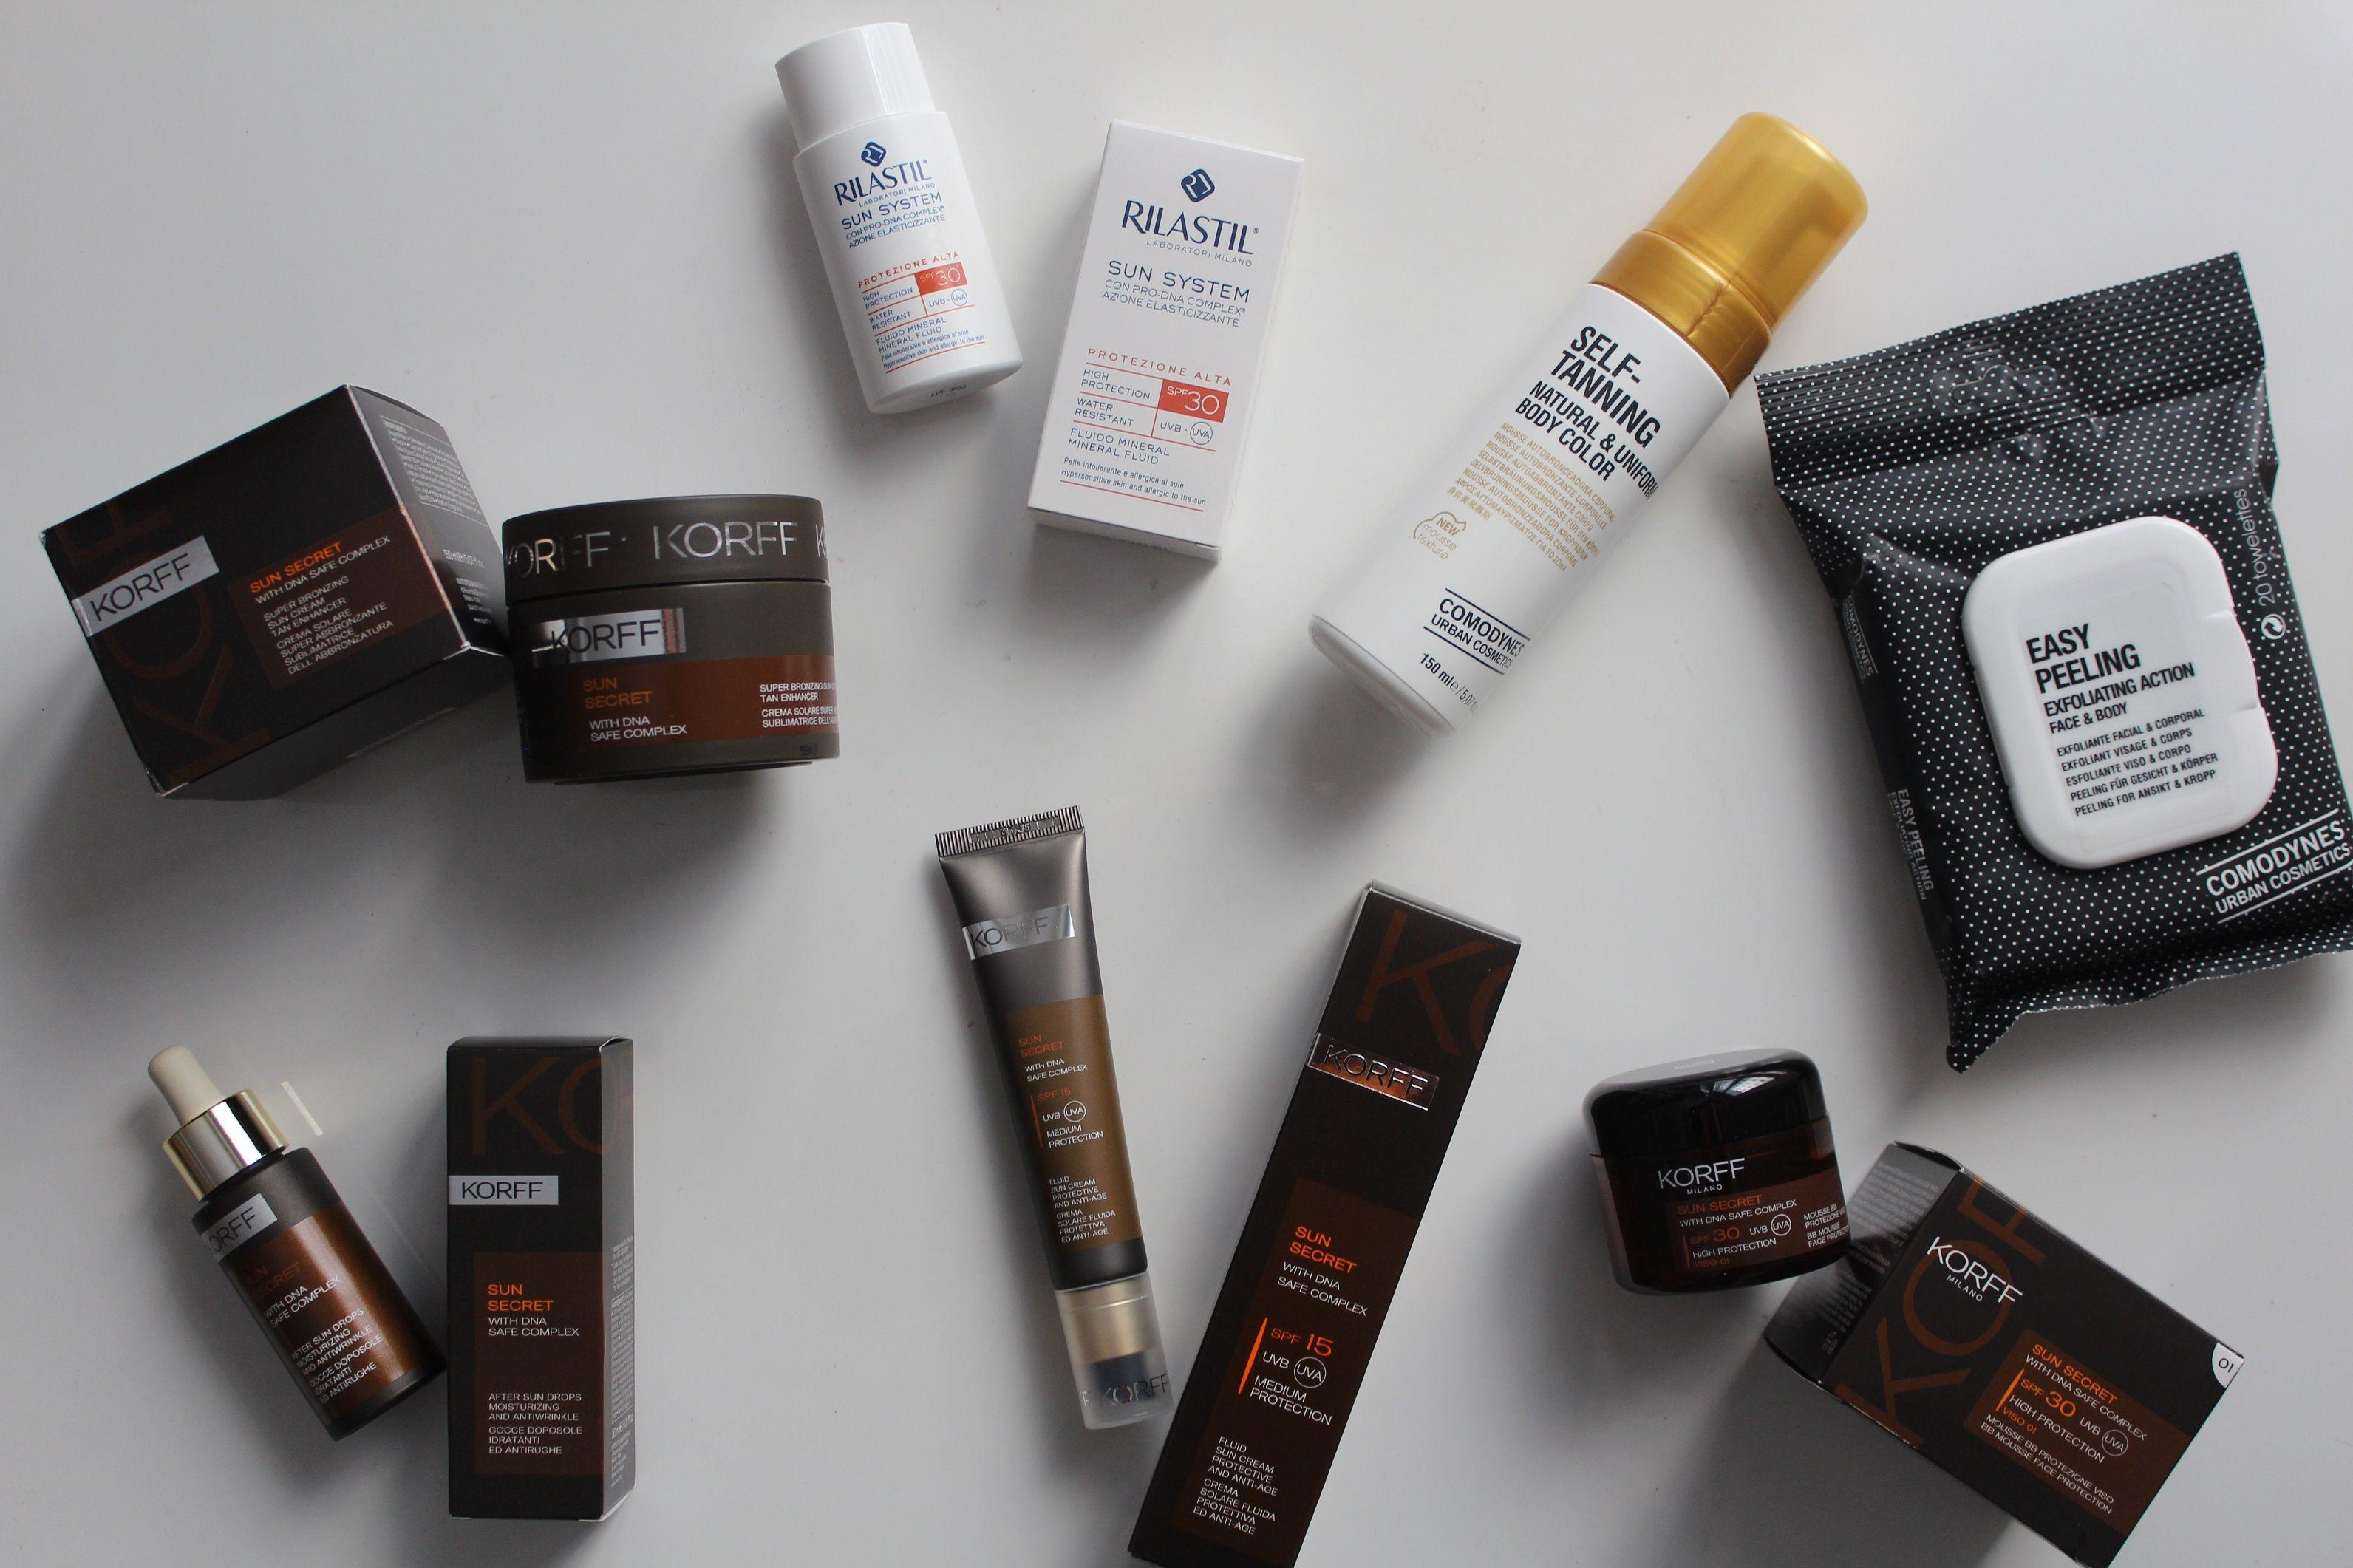 Pelle Al Sole Ecco Sette Prodotti Per Preparare Proteggere E Abbronzare